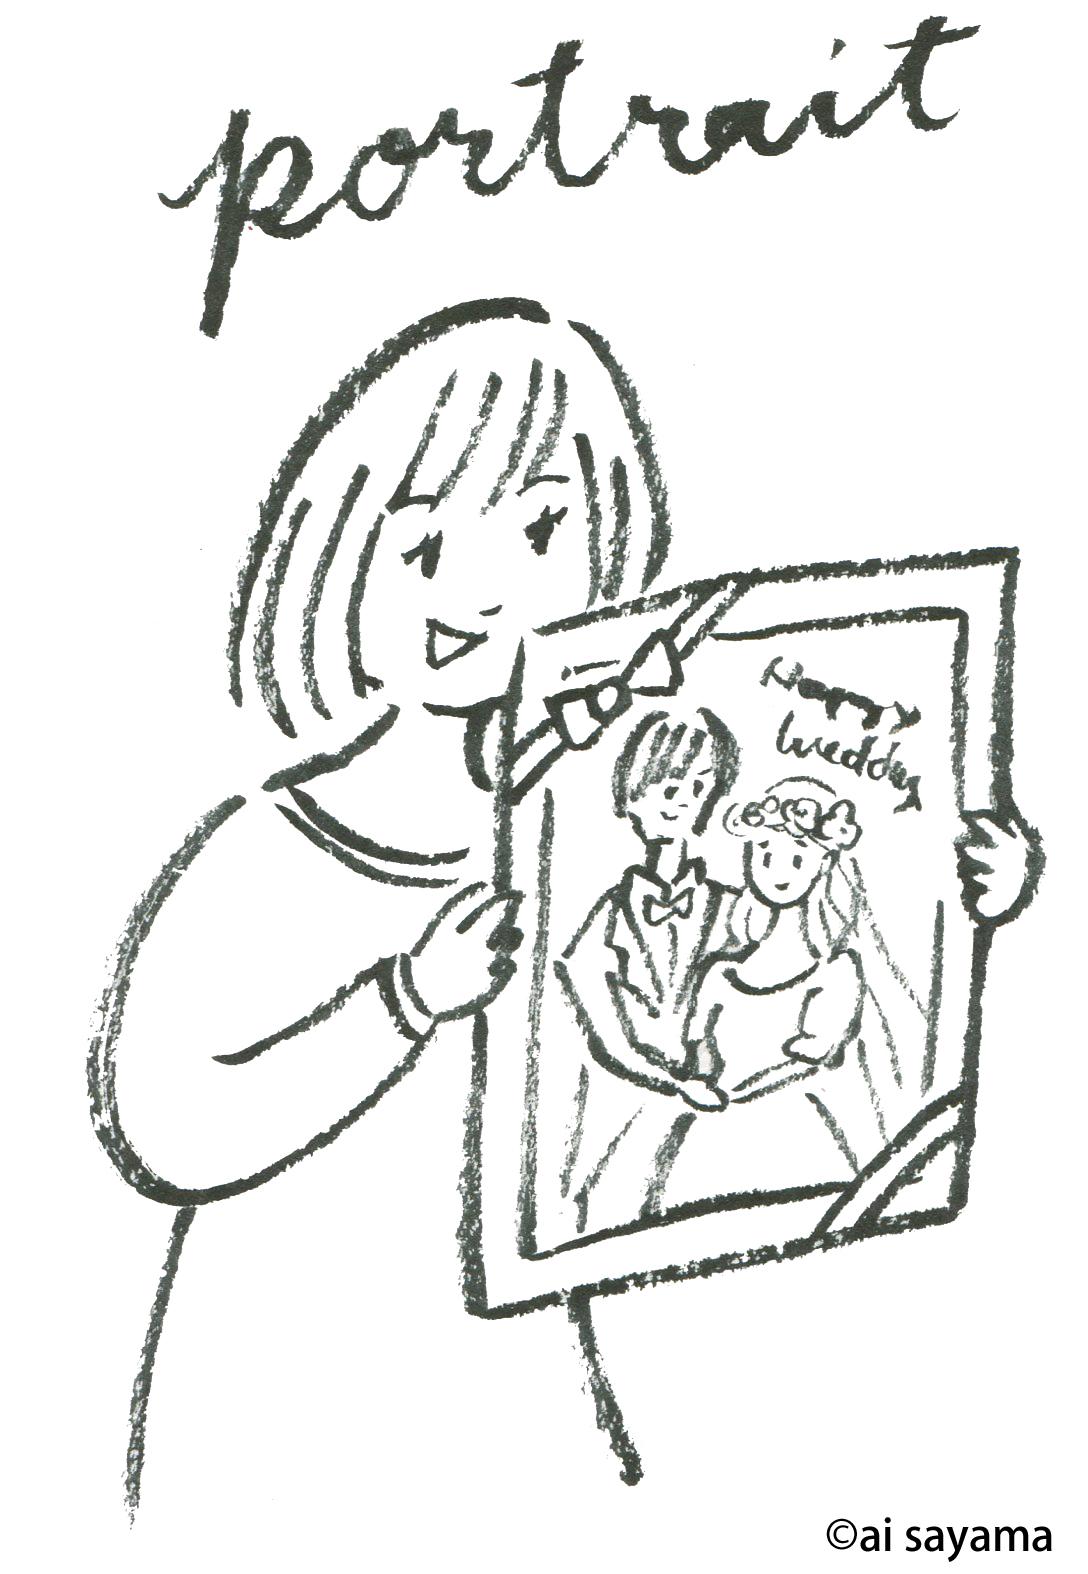 2016/3/10 1日1絵